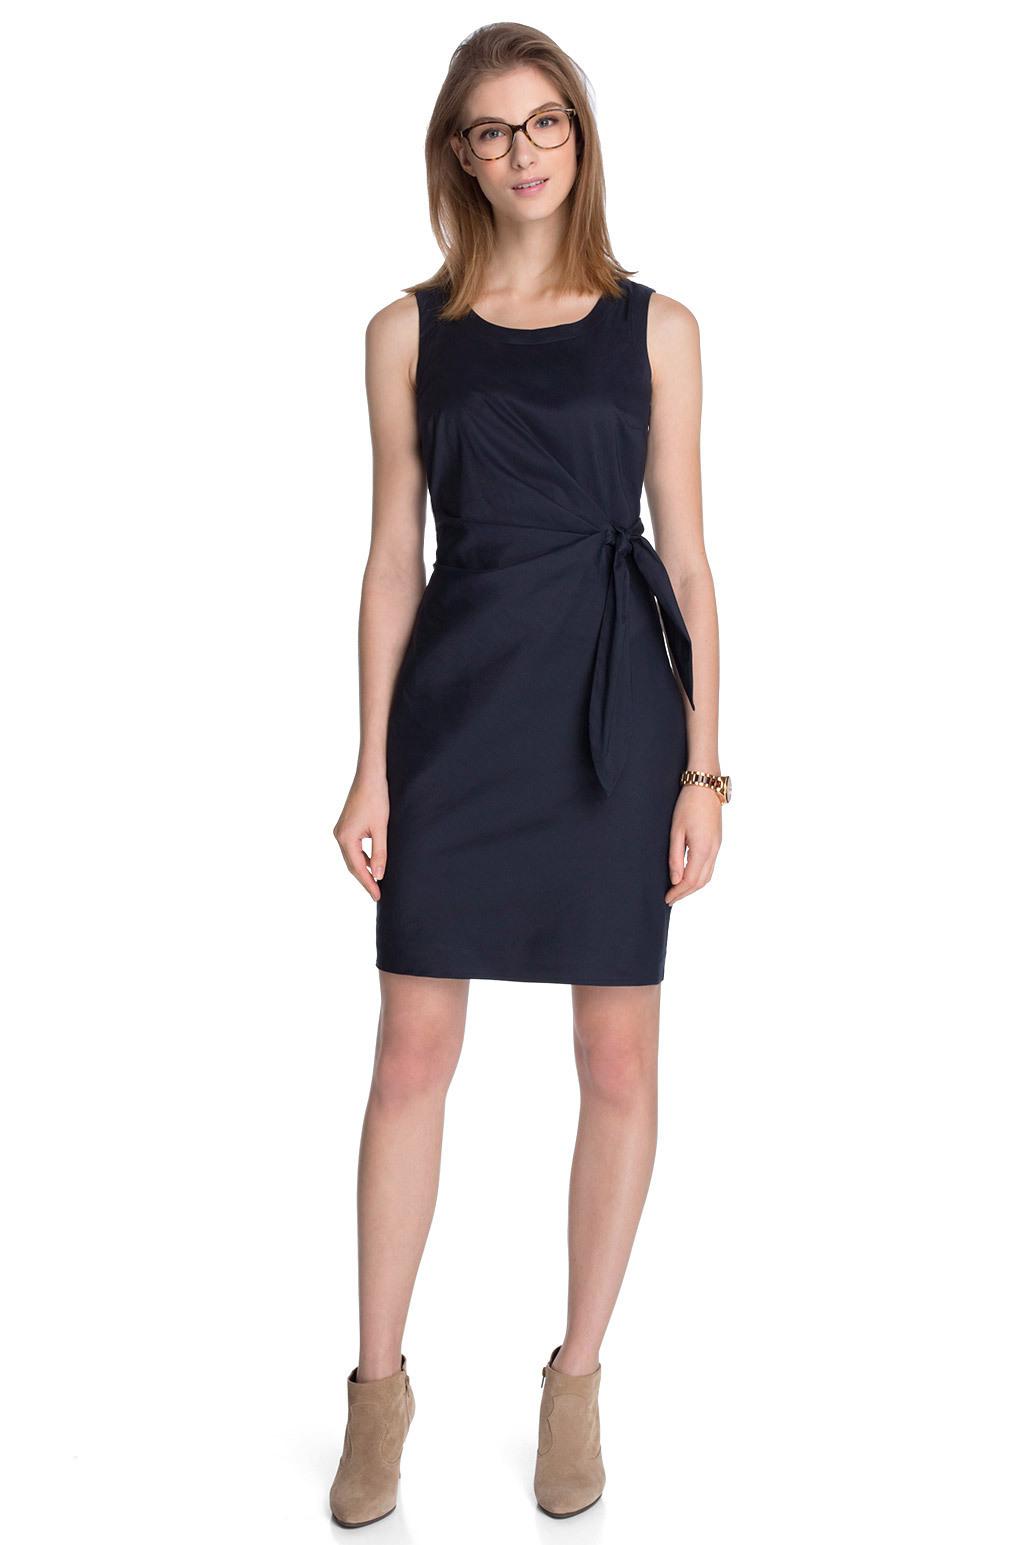 Esprit  Stretch Kleid Mit Knotendetail Im Online Shop Kaufen